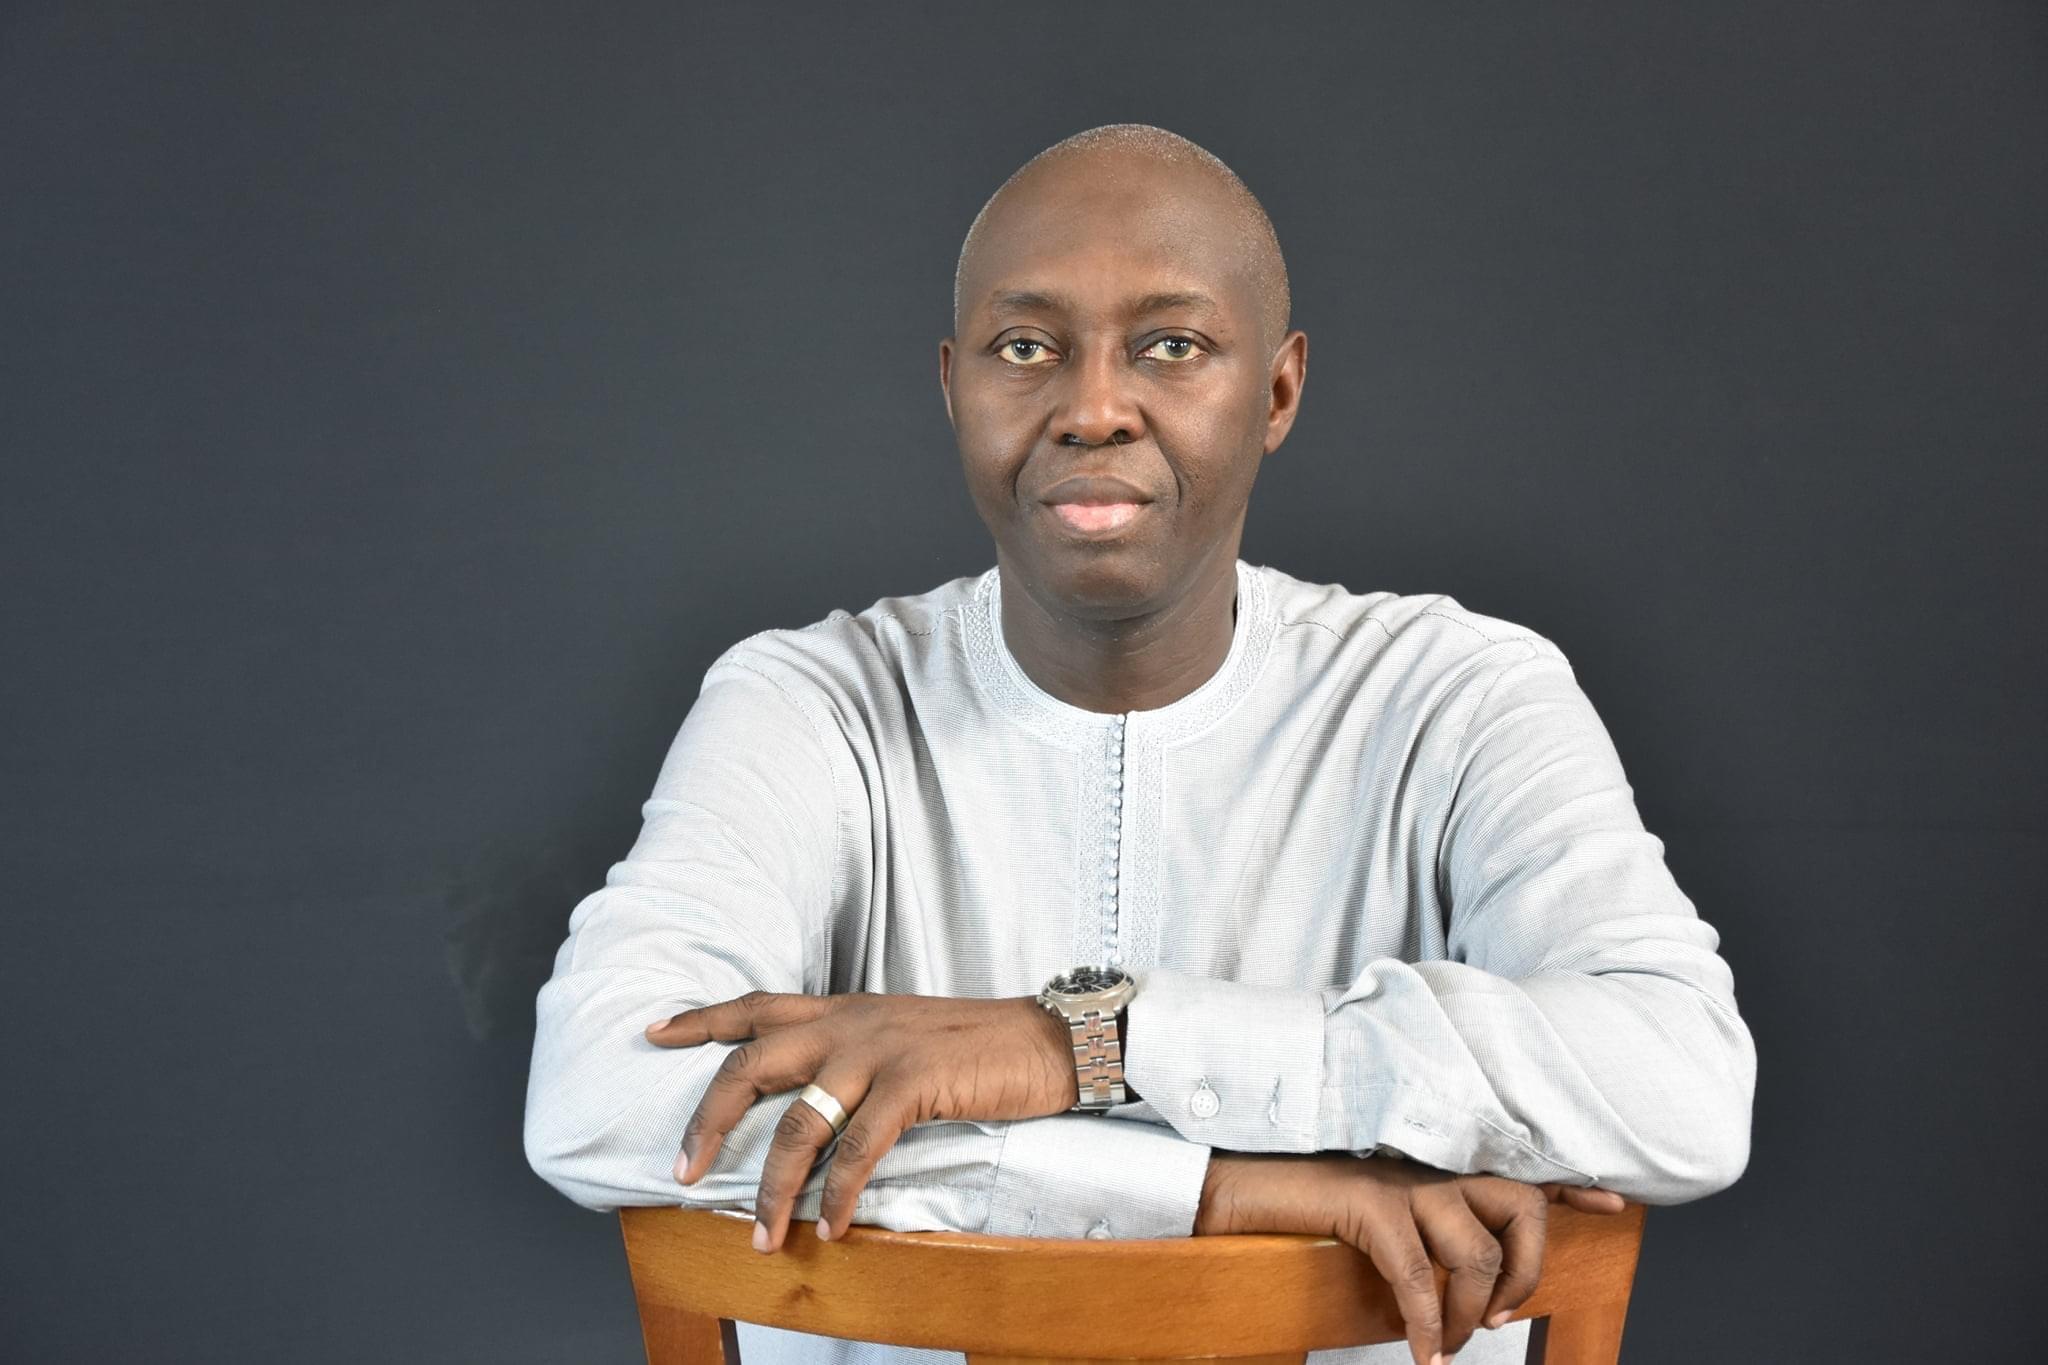 Affaire Sonko et sortie de Idy : « Le peuple n'a que faire de sa prétendue expertise » (M. Lamine Diallo)